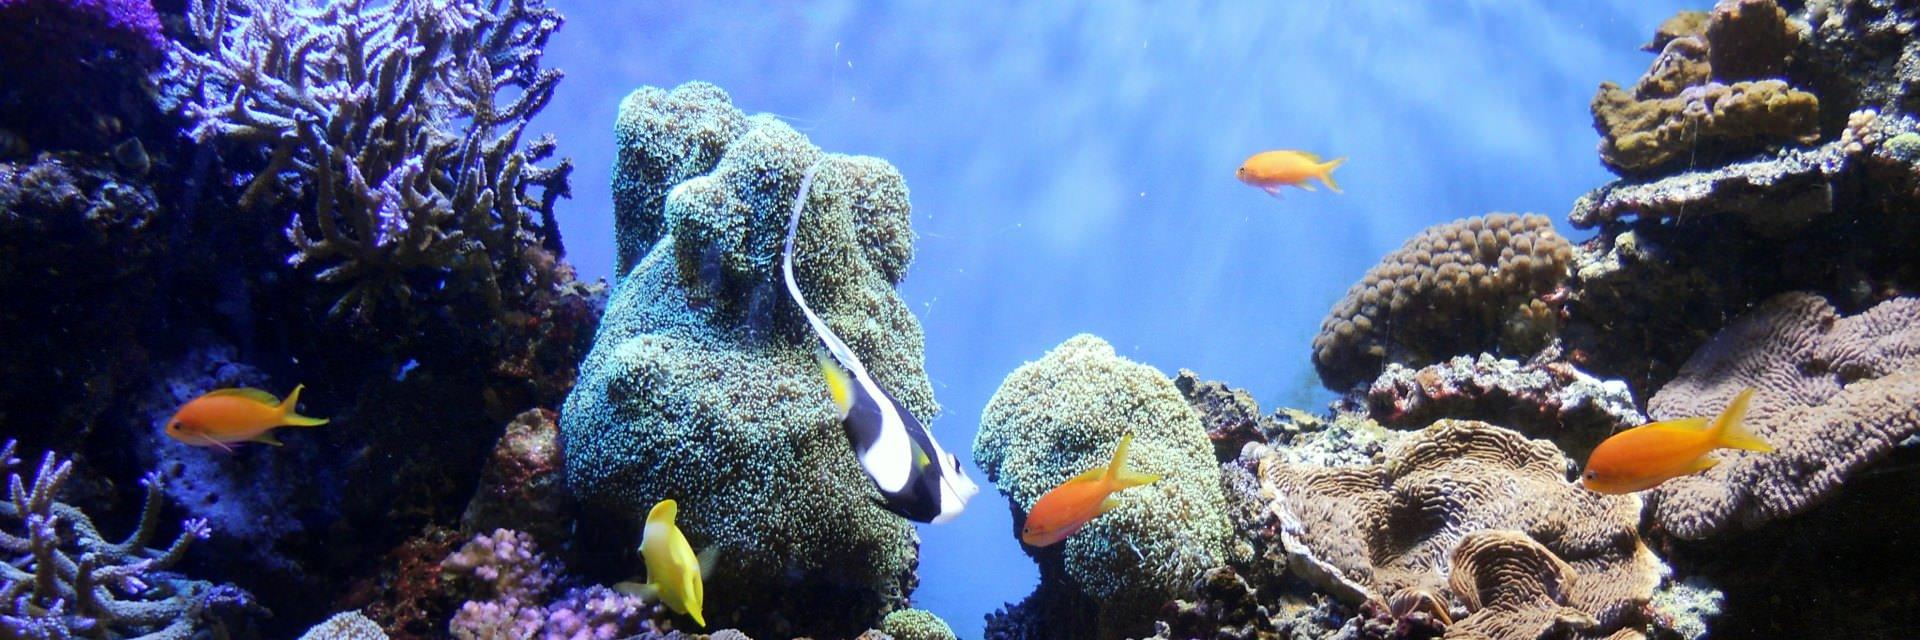 10 Wisata Alam Tersembunyi di Manado 10 Wisata Alam Tersembunyi di Manado - Dolan Dolen